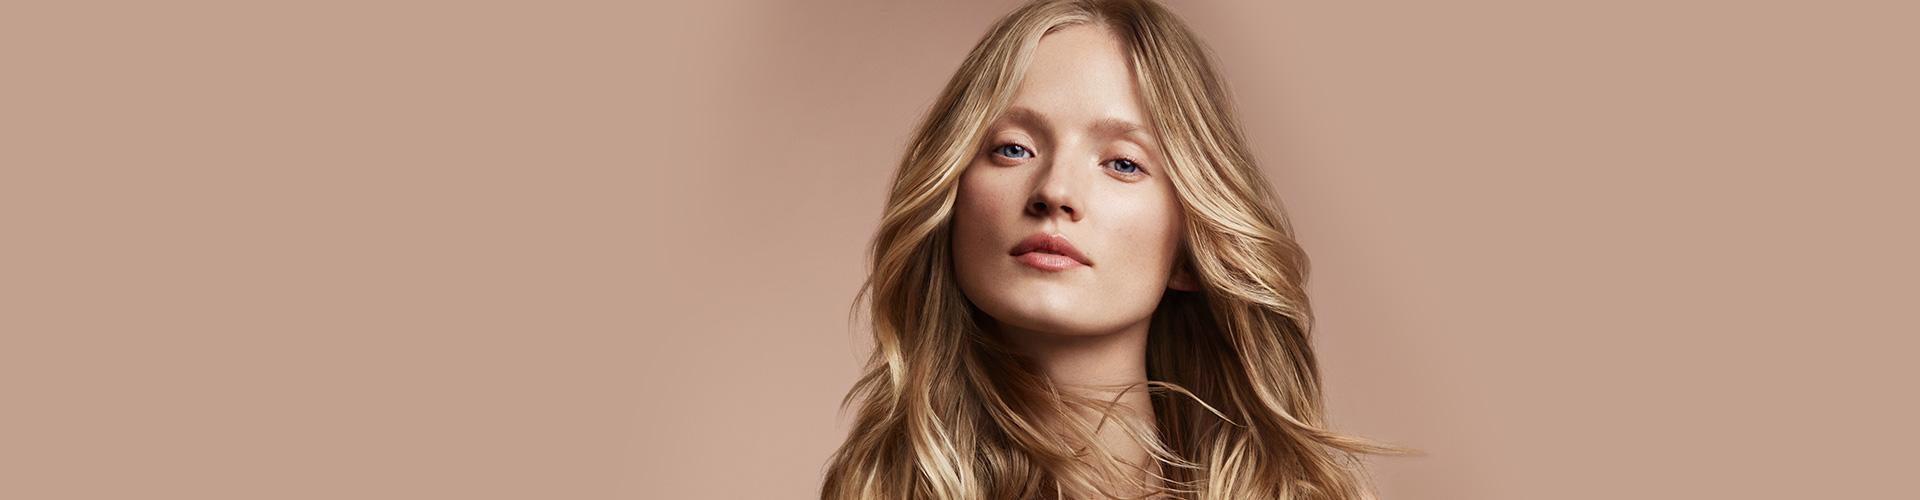 Indigo Salon Spa | Hair Care - Indigo Salon Spa